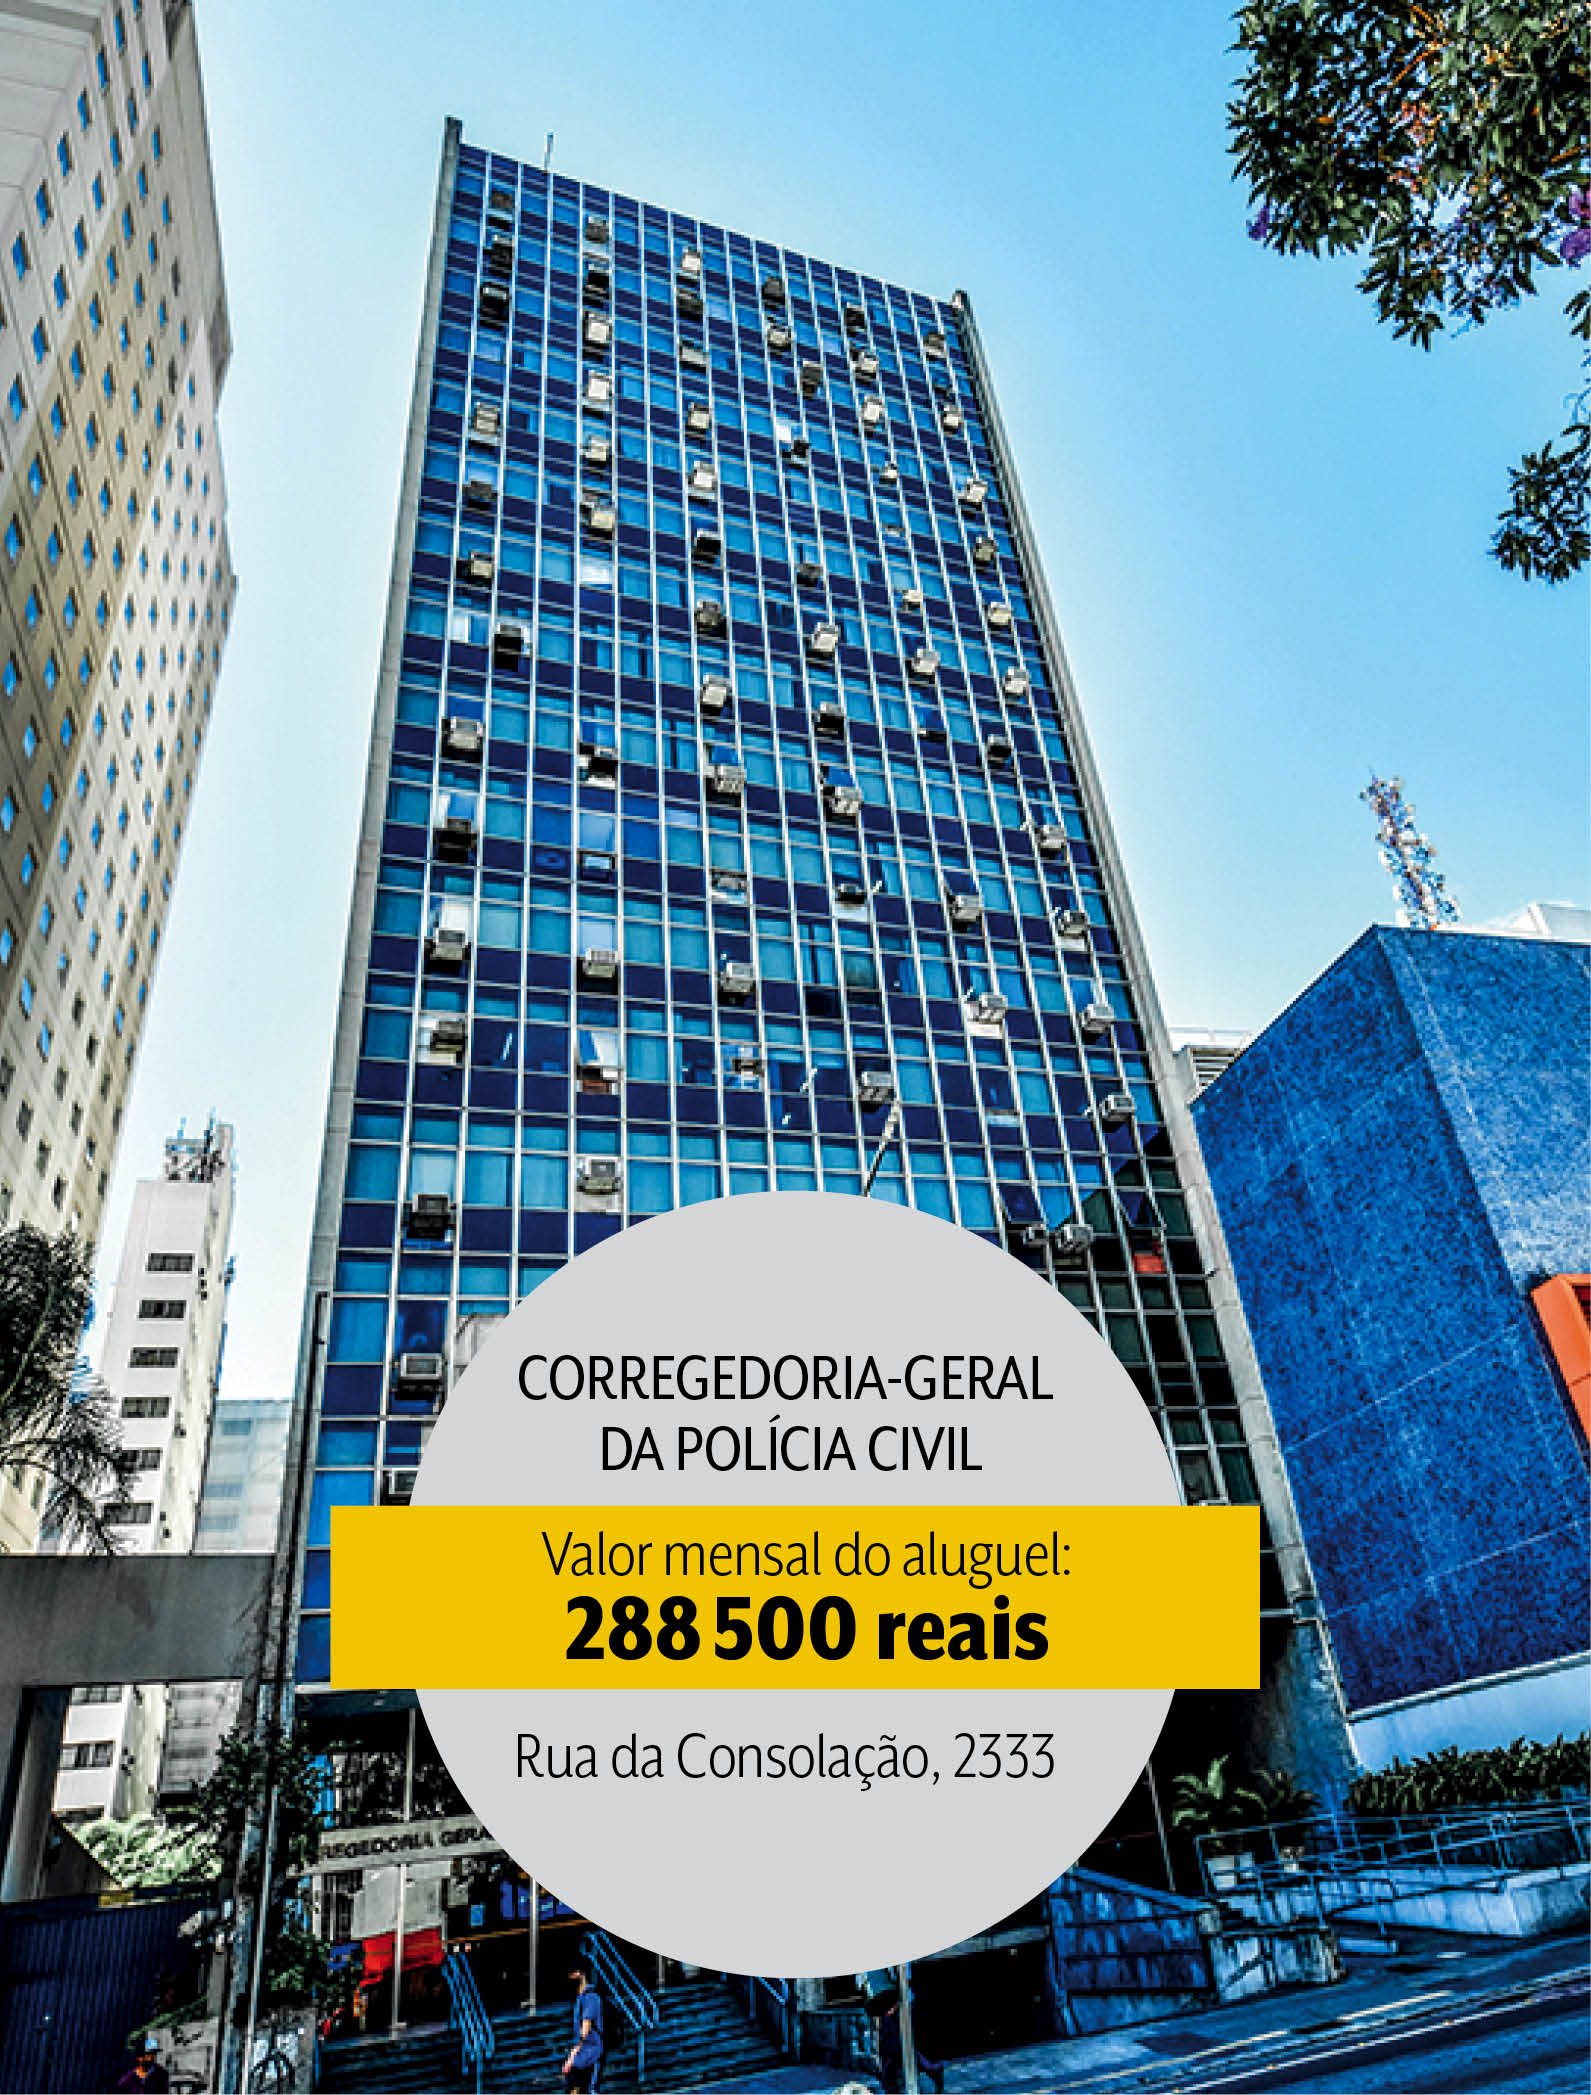 Corregedoria-Geral da Polícia Civil, na rua da Consolação: locação de um prédio inteiro